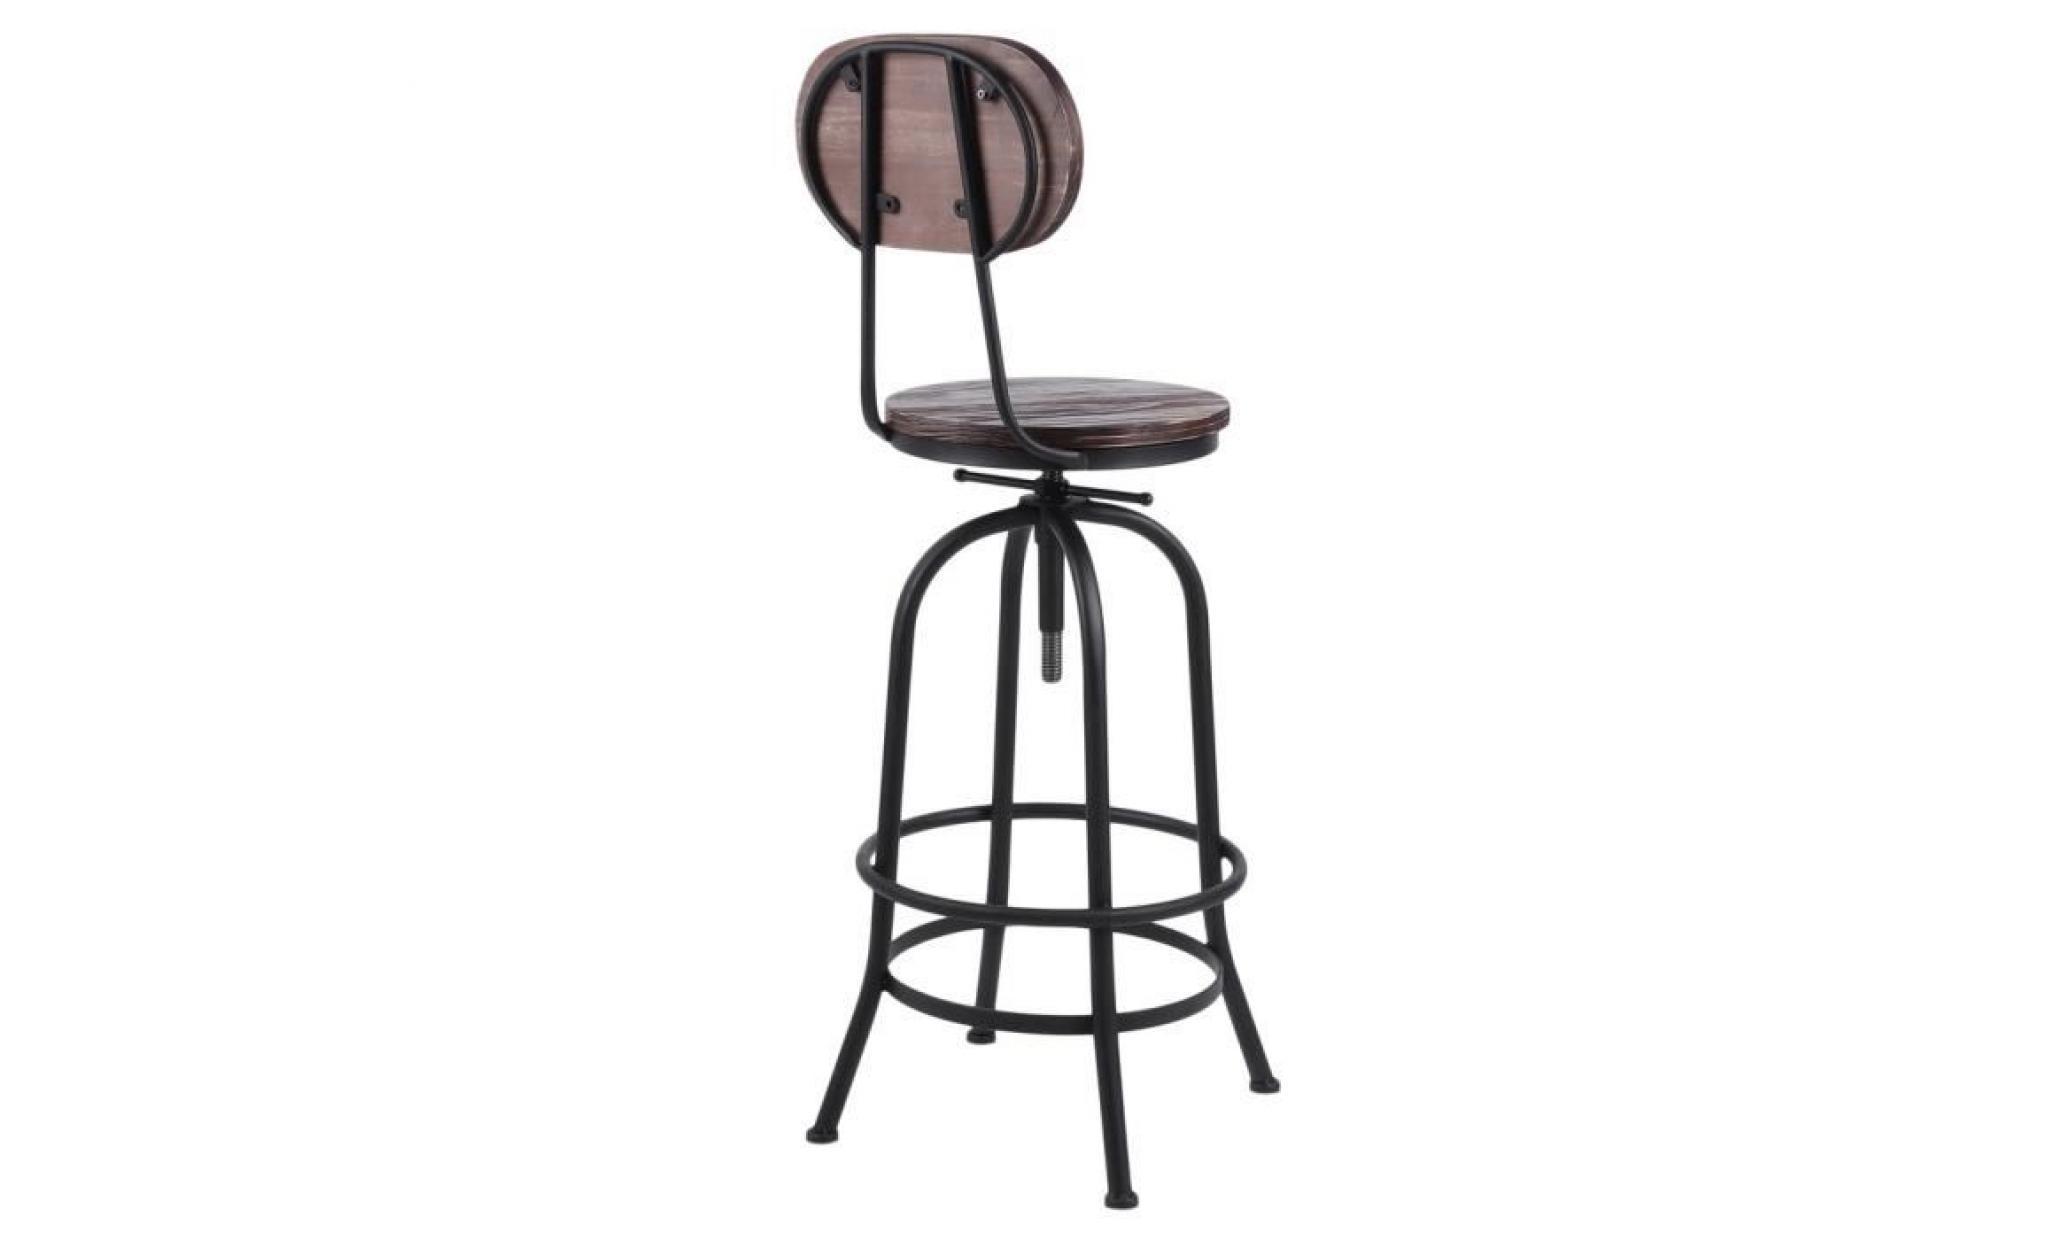 Chaise Haute Tabouret De Bar Moderne Industrielle